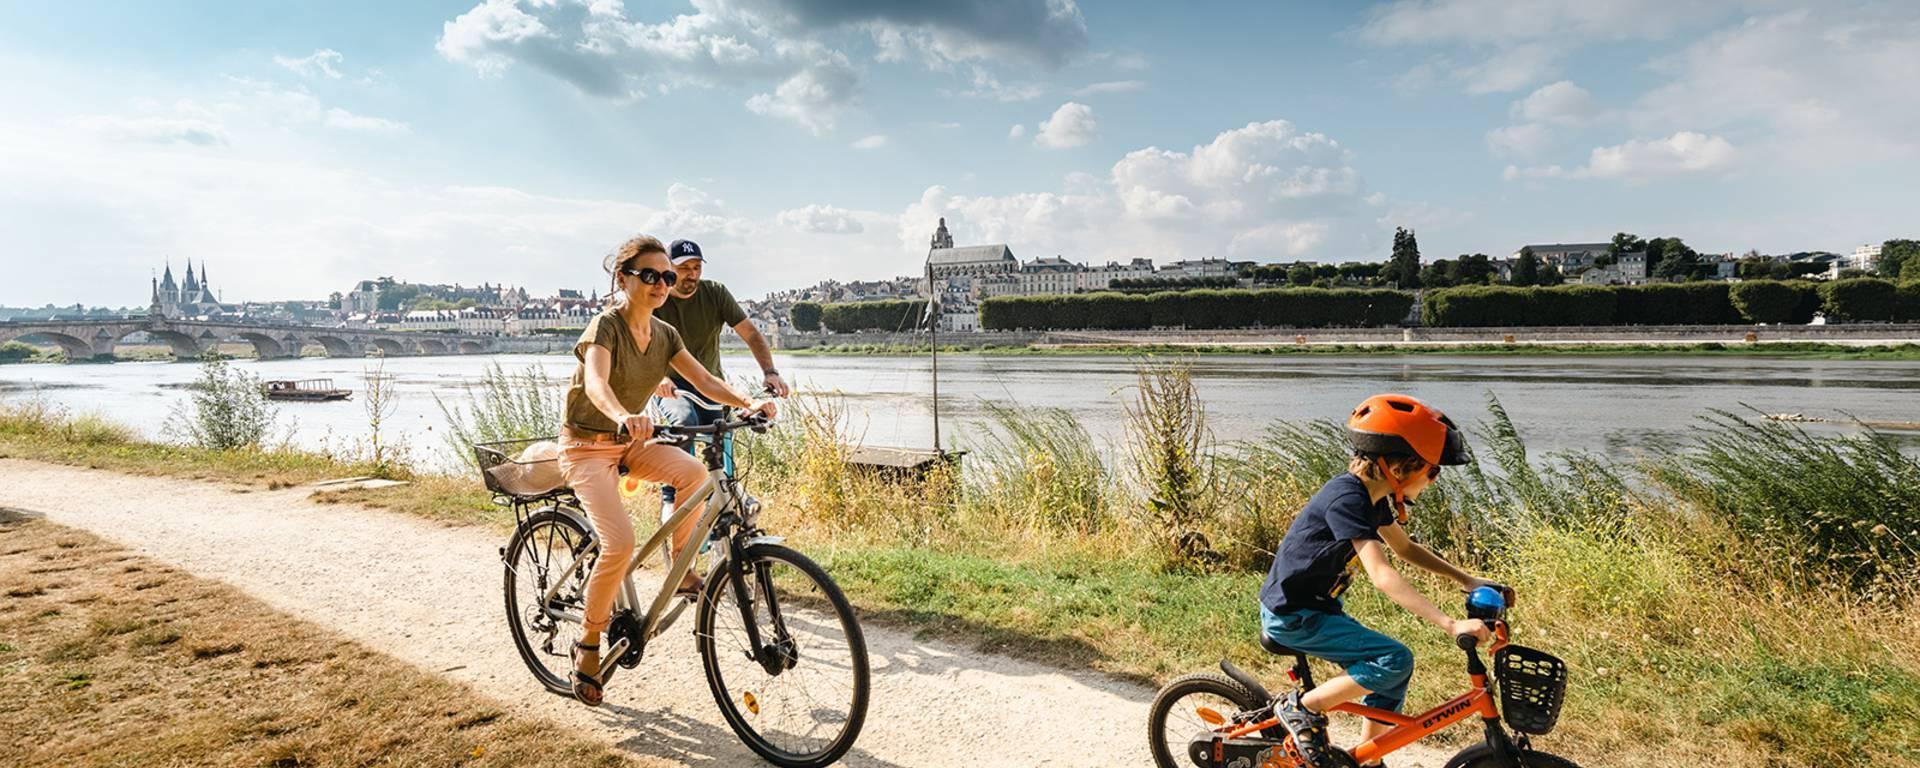 Les bords de Loire à vélo